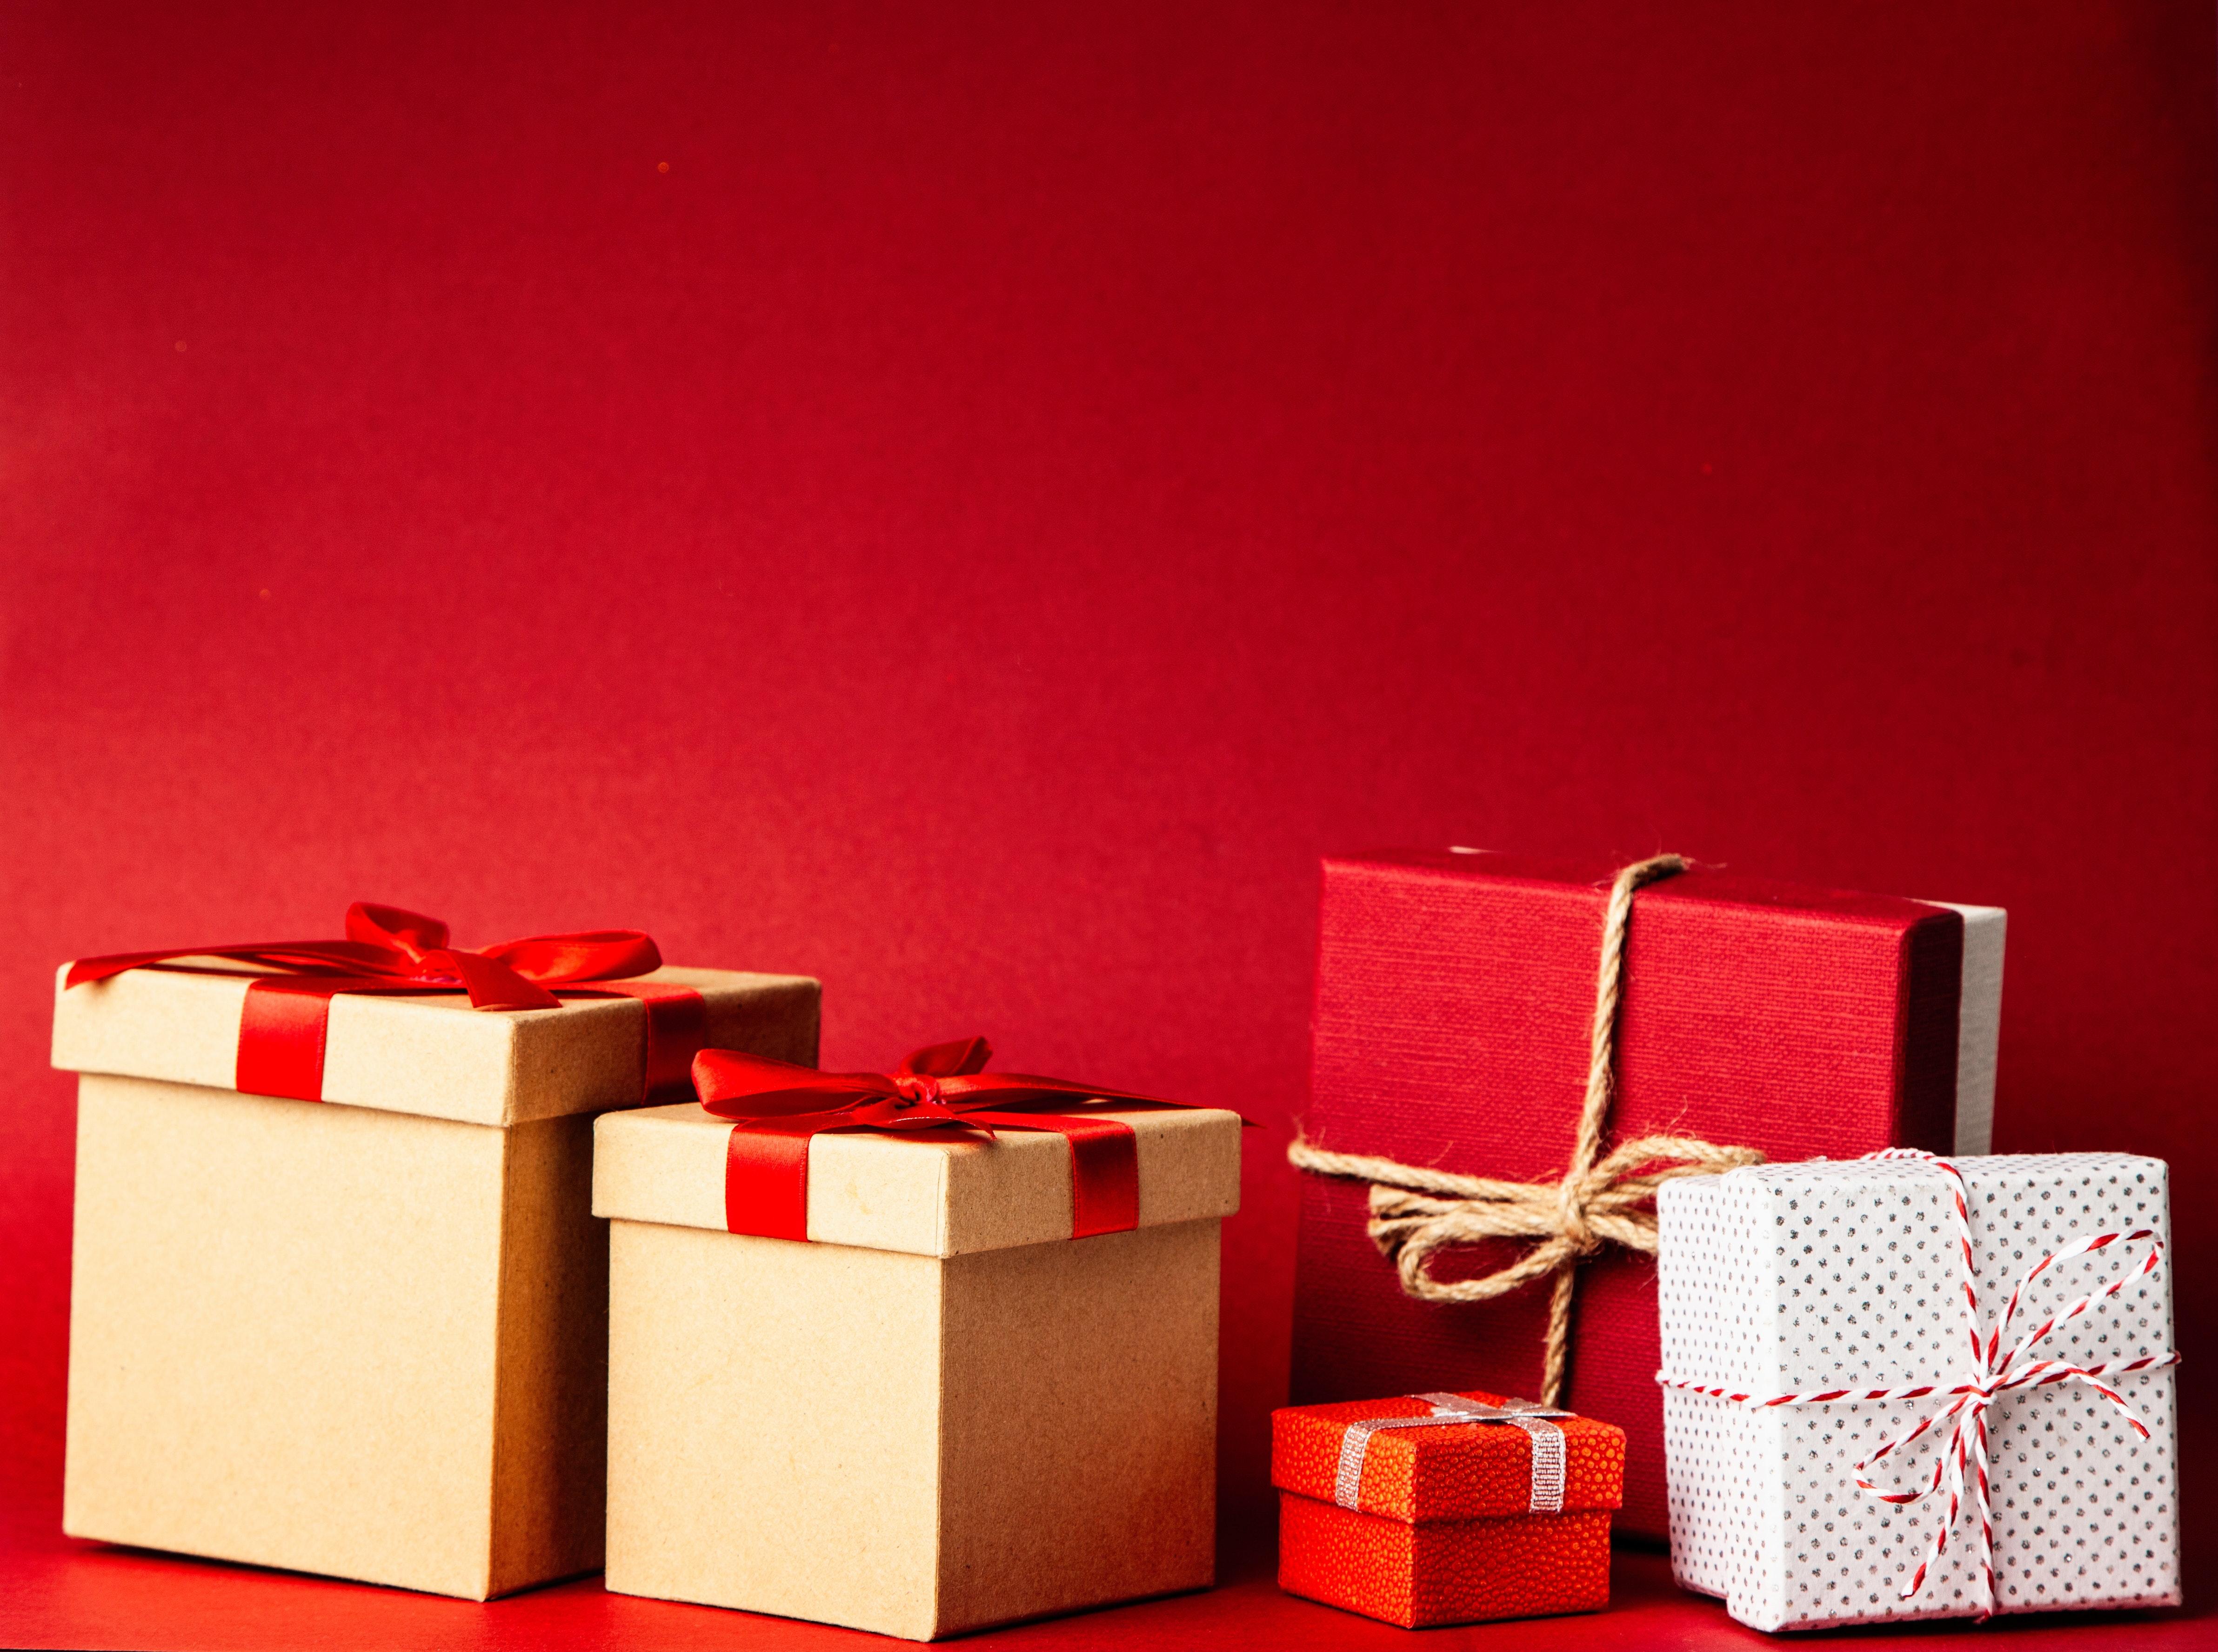 Scatole Per Regali Di Natale.Immagini Belle Sfondo Regali Di Natale Scatole Regalo I Regali